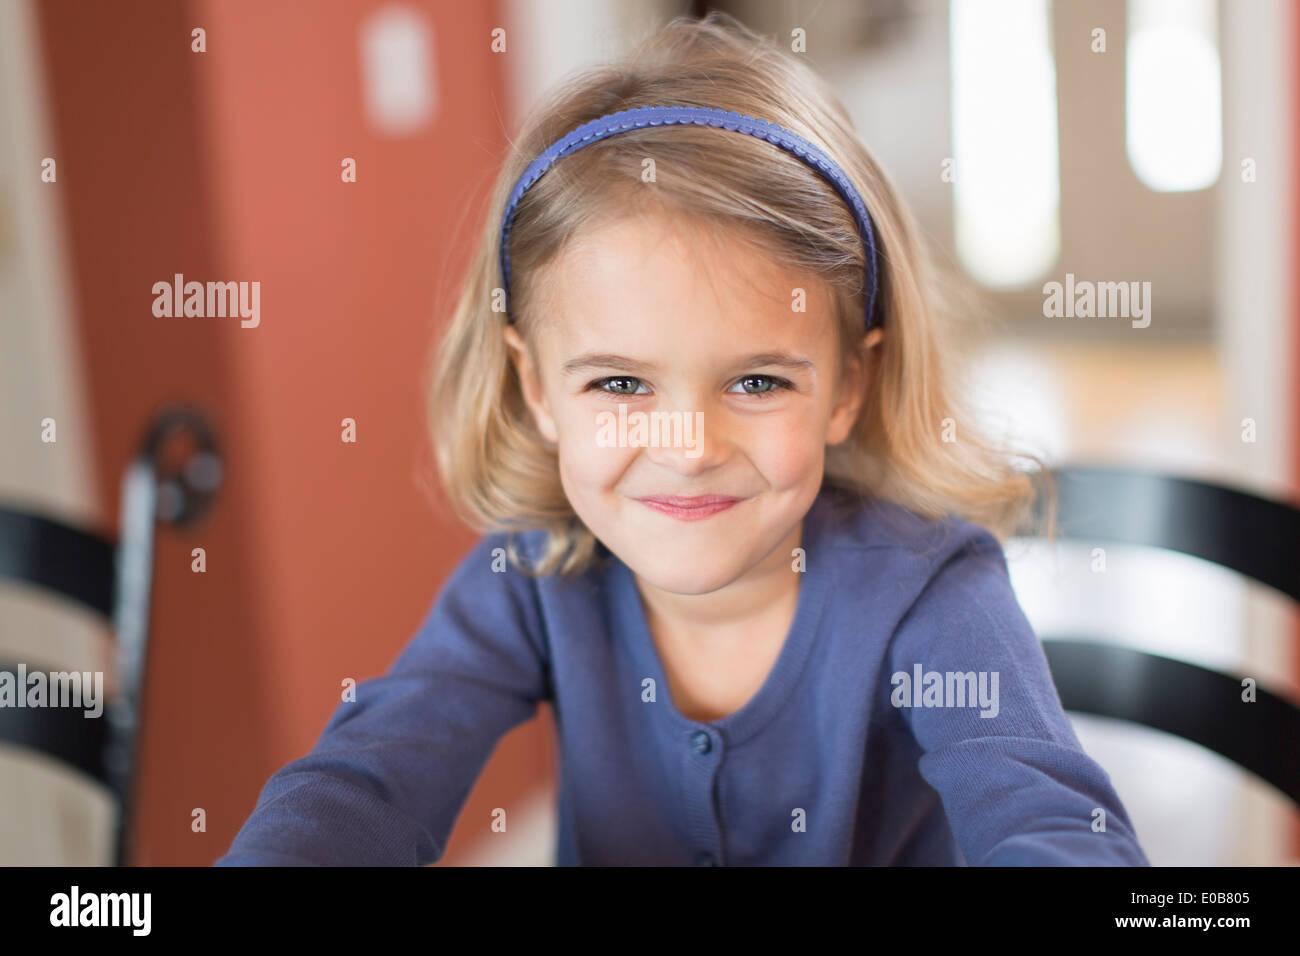 Porträt von lächelnden süße junge Mädchen Stockbild